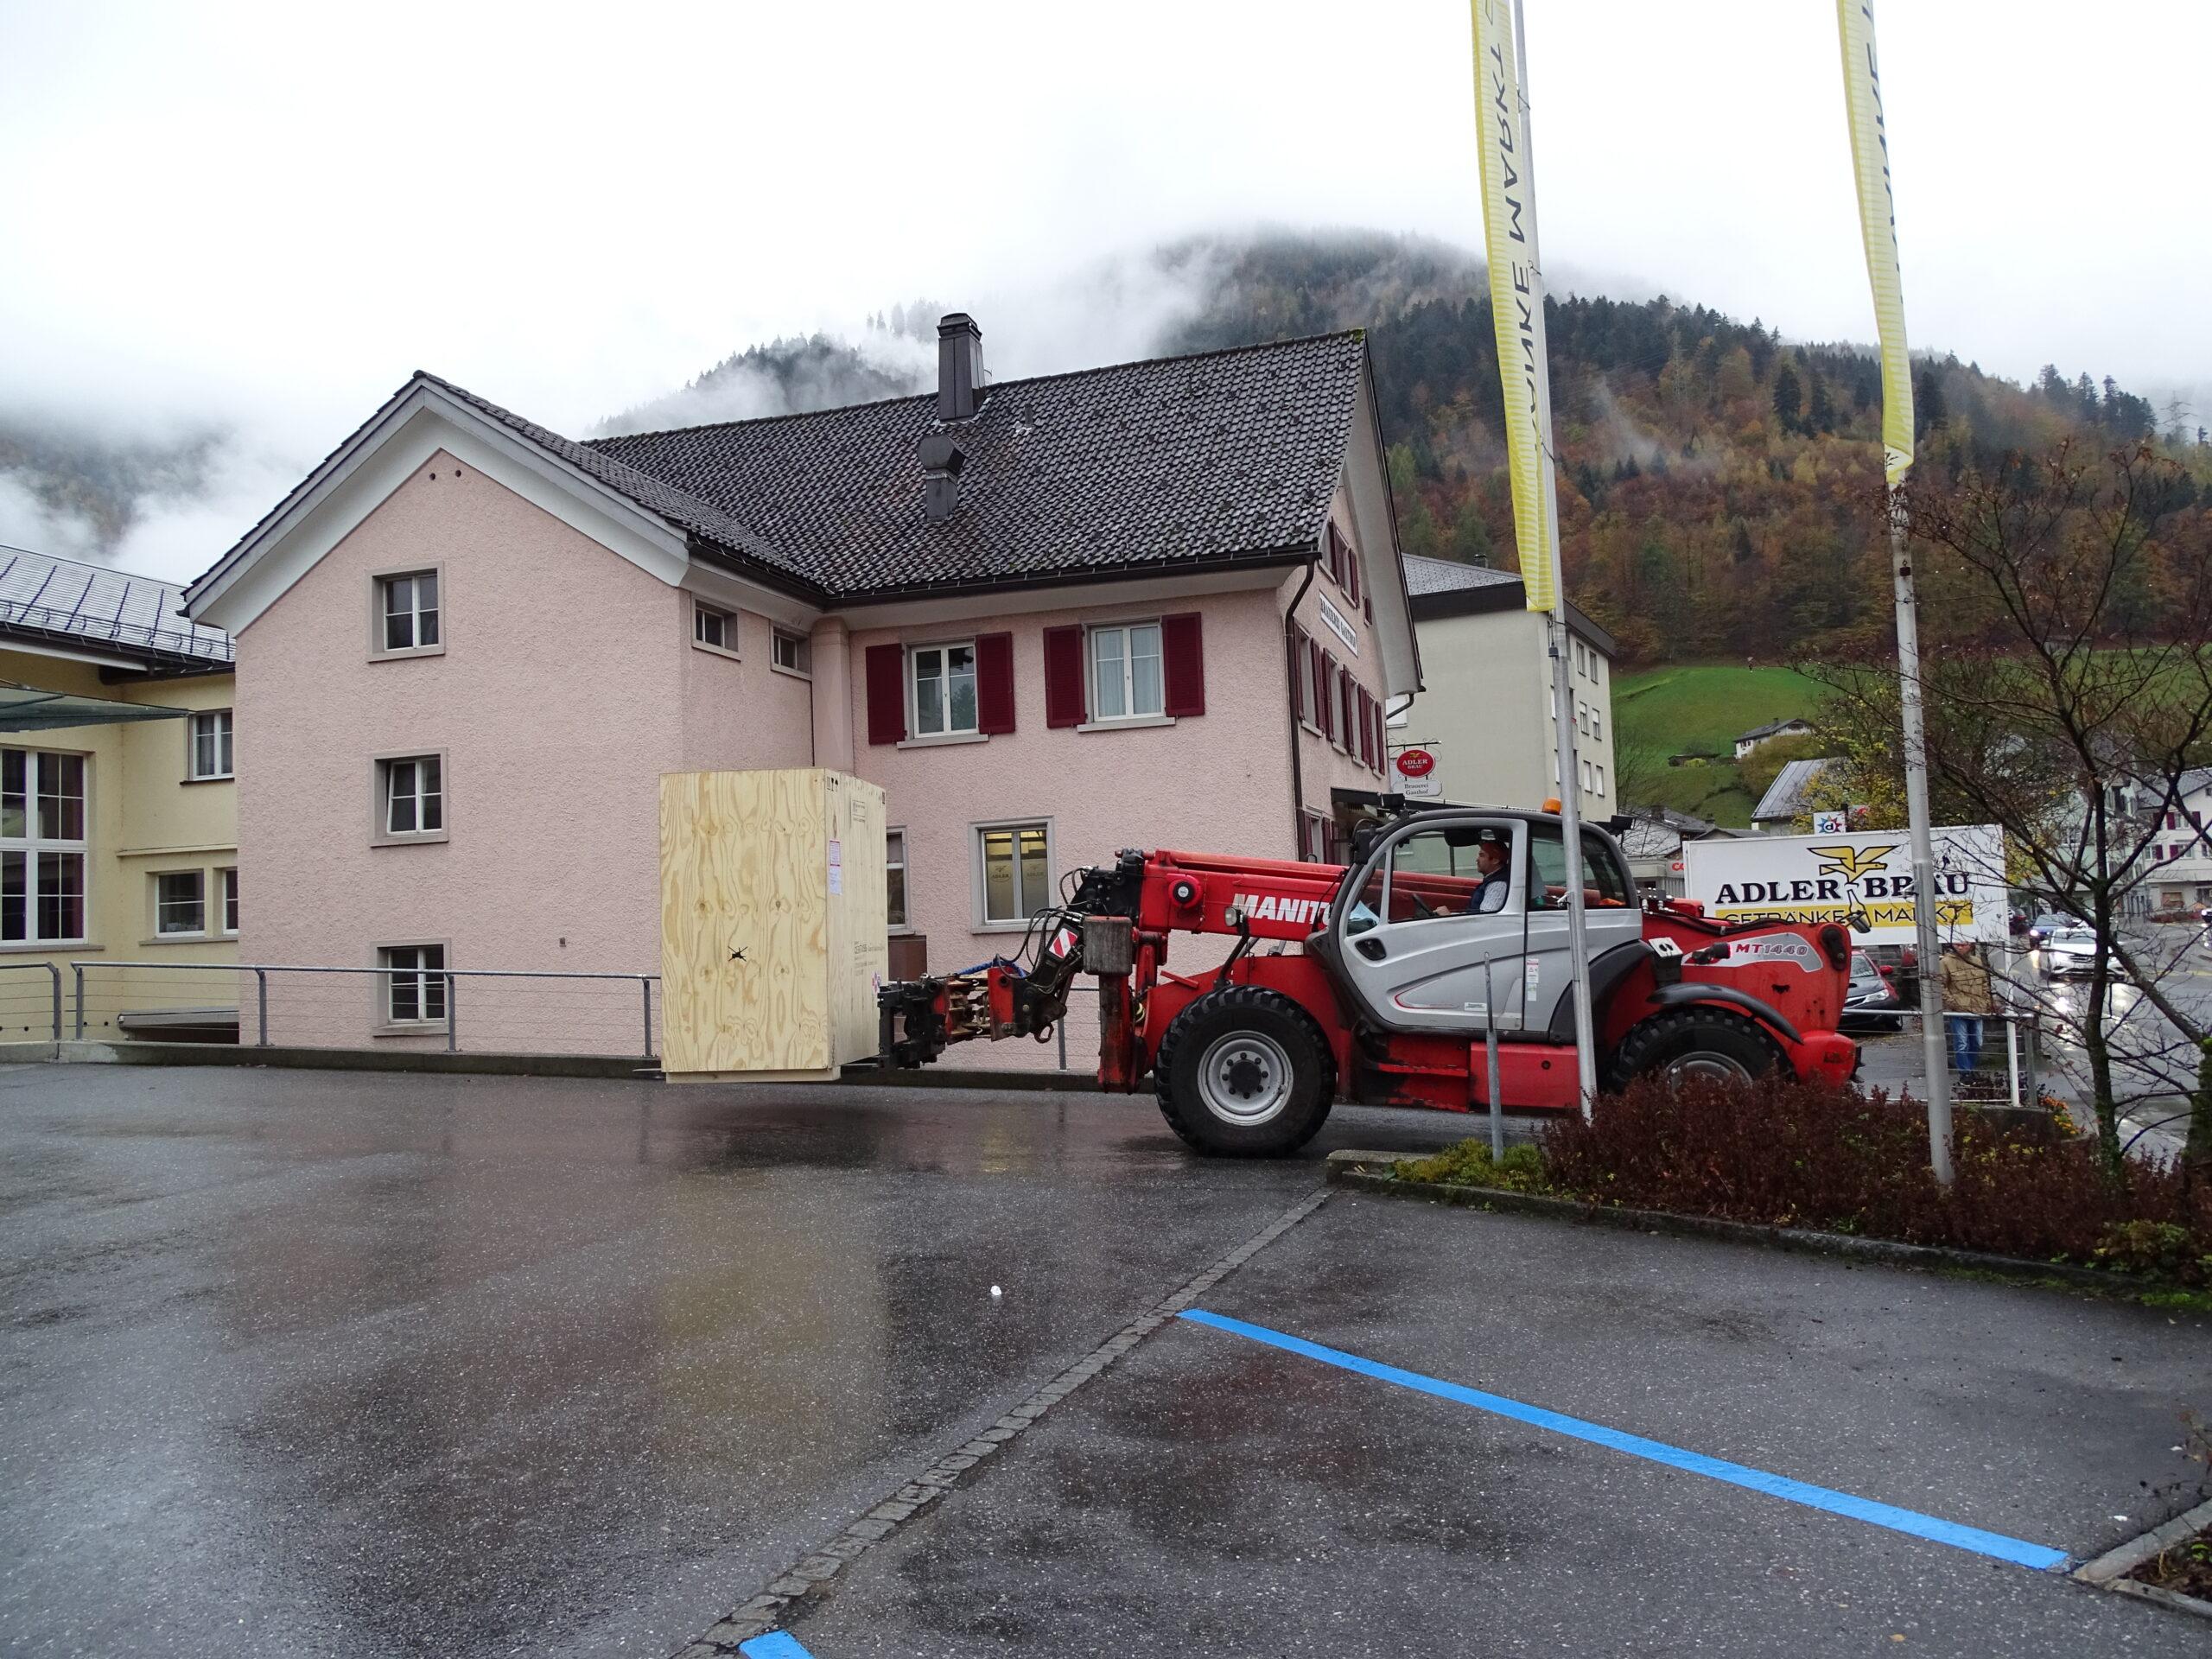 Brauerei Adler - Dampfanlage